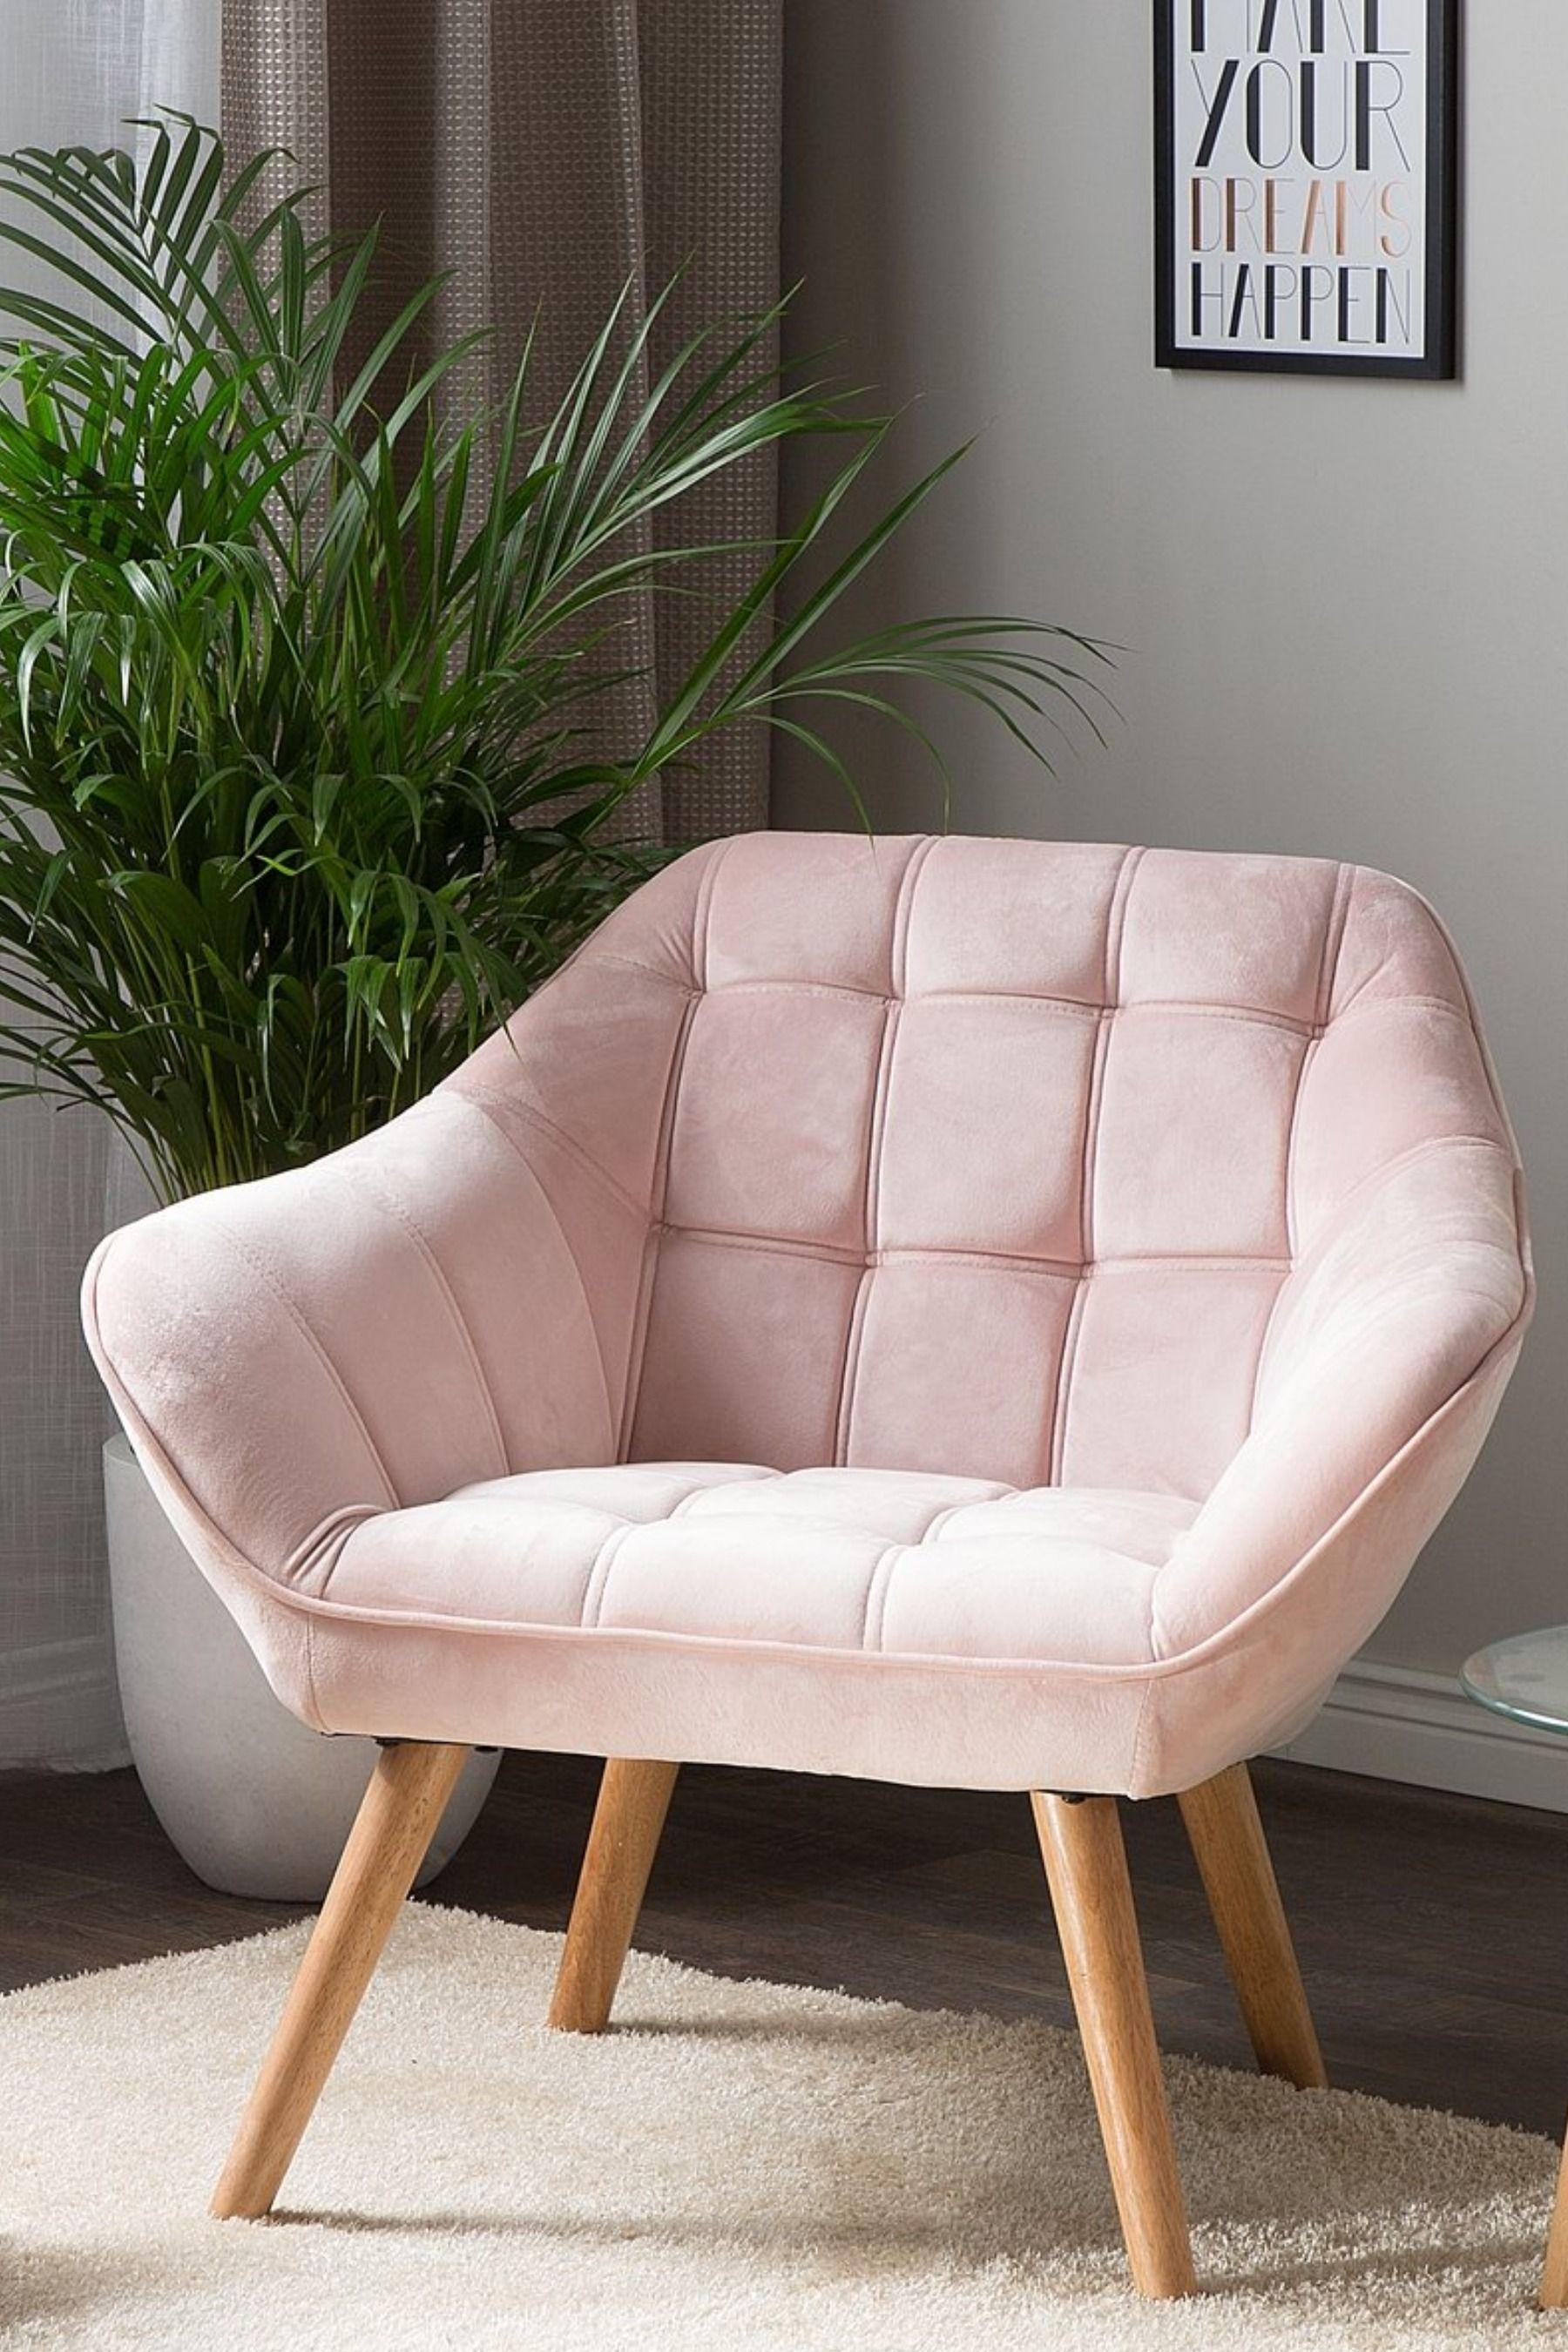 Velvet Armchair Pink Karis In 2020 Arm Chairs Living Room Armchair Bedroom Living Room Chairs